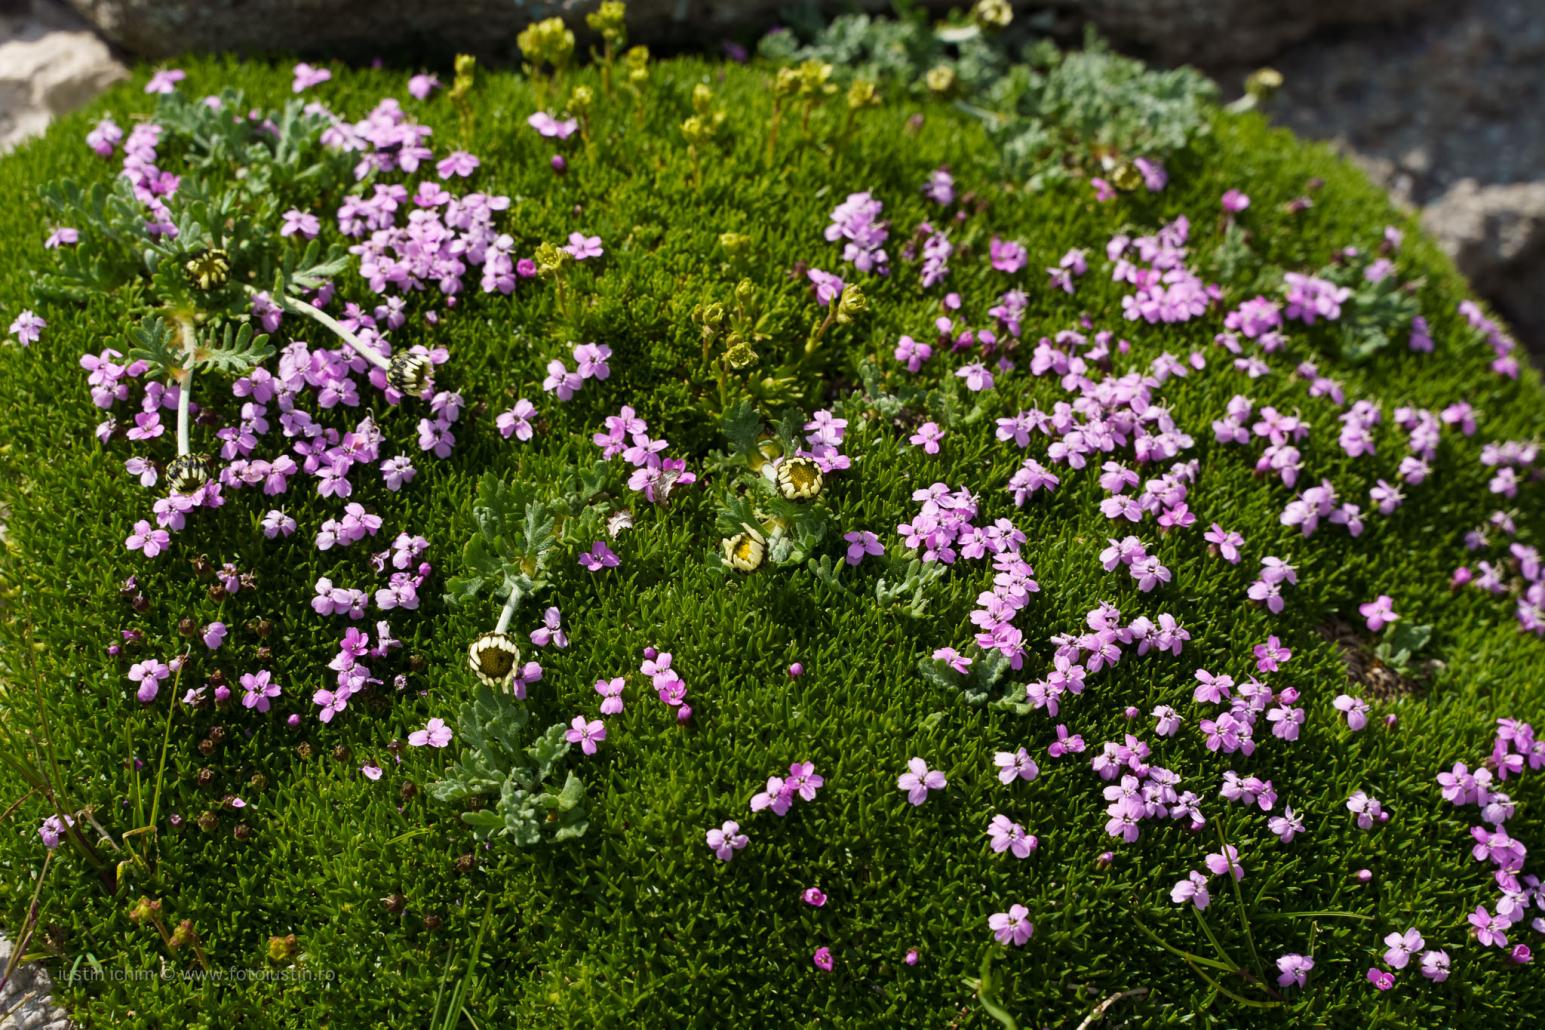 Silene acaulis, Iarbă roșioară, fam. Caryophyllaceae